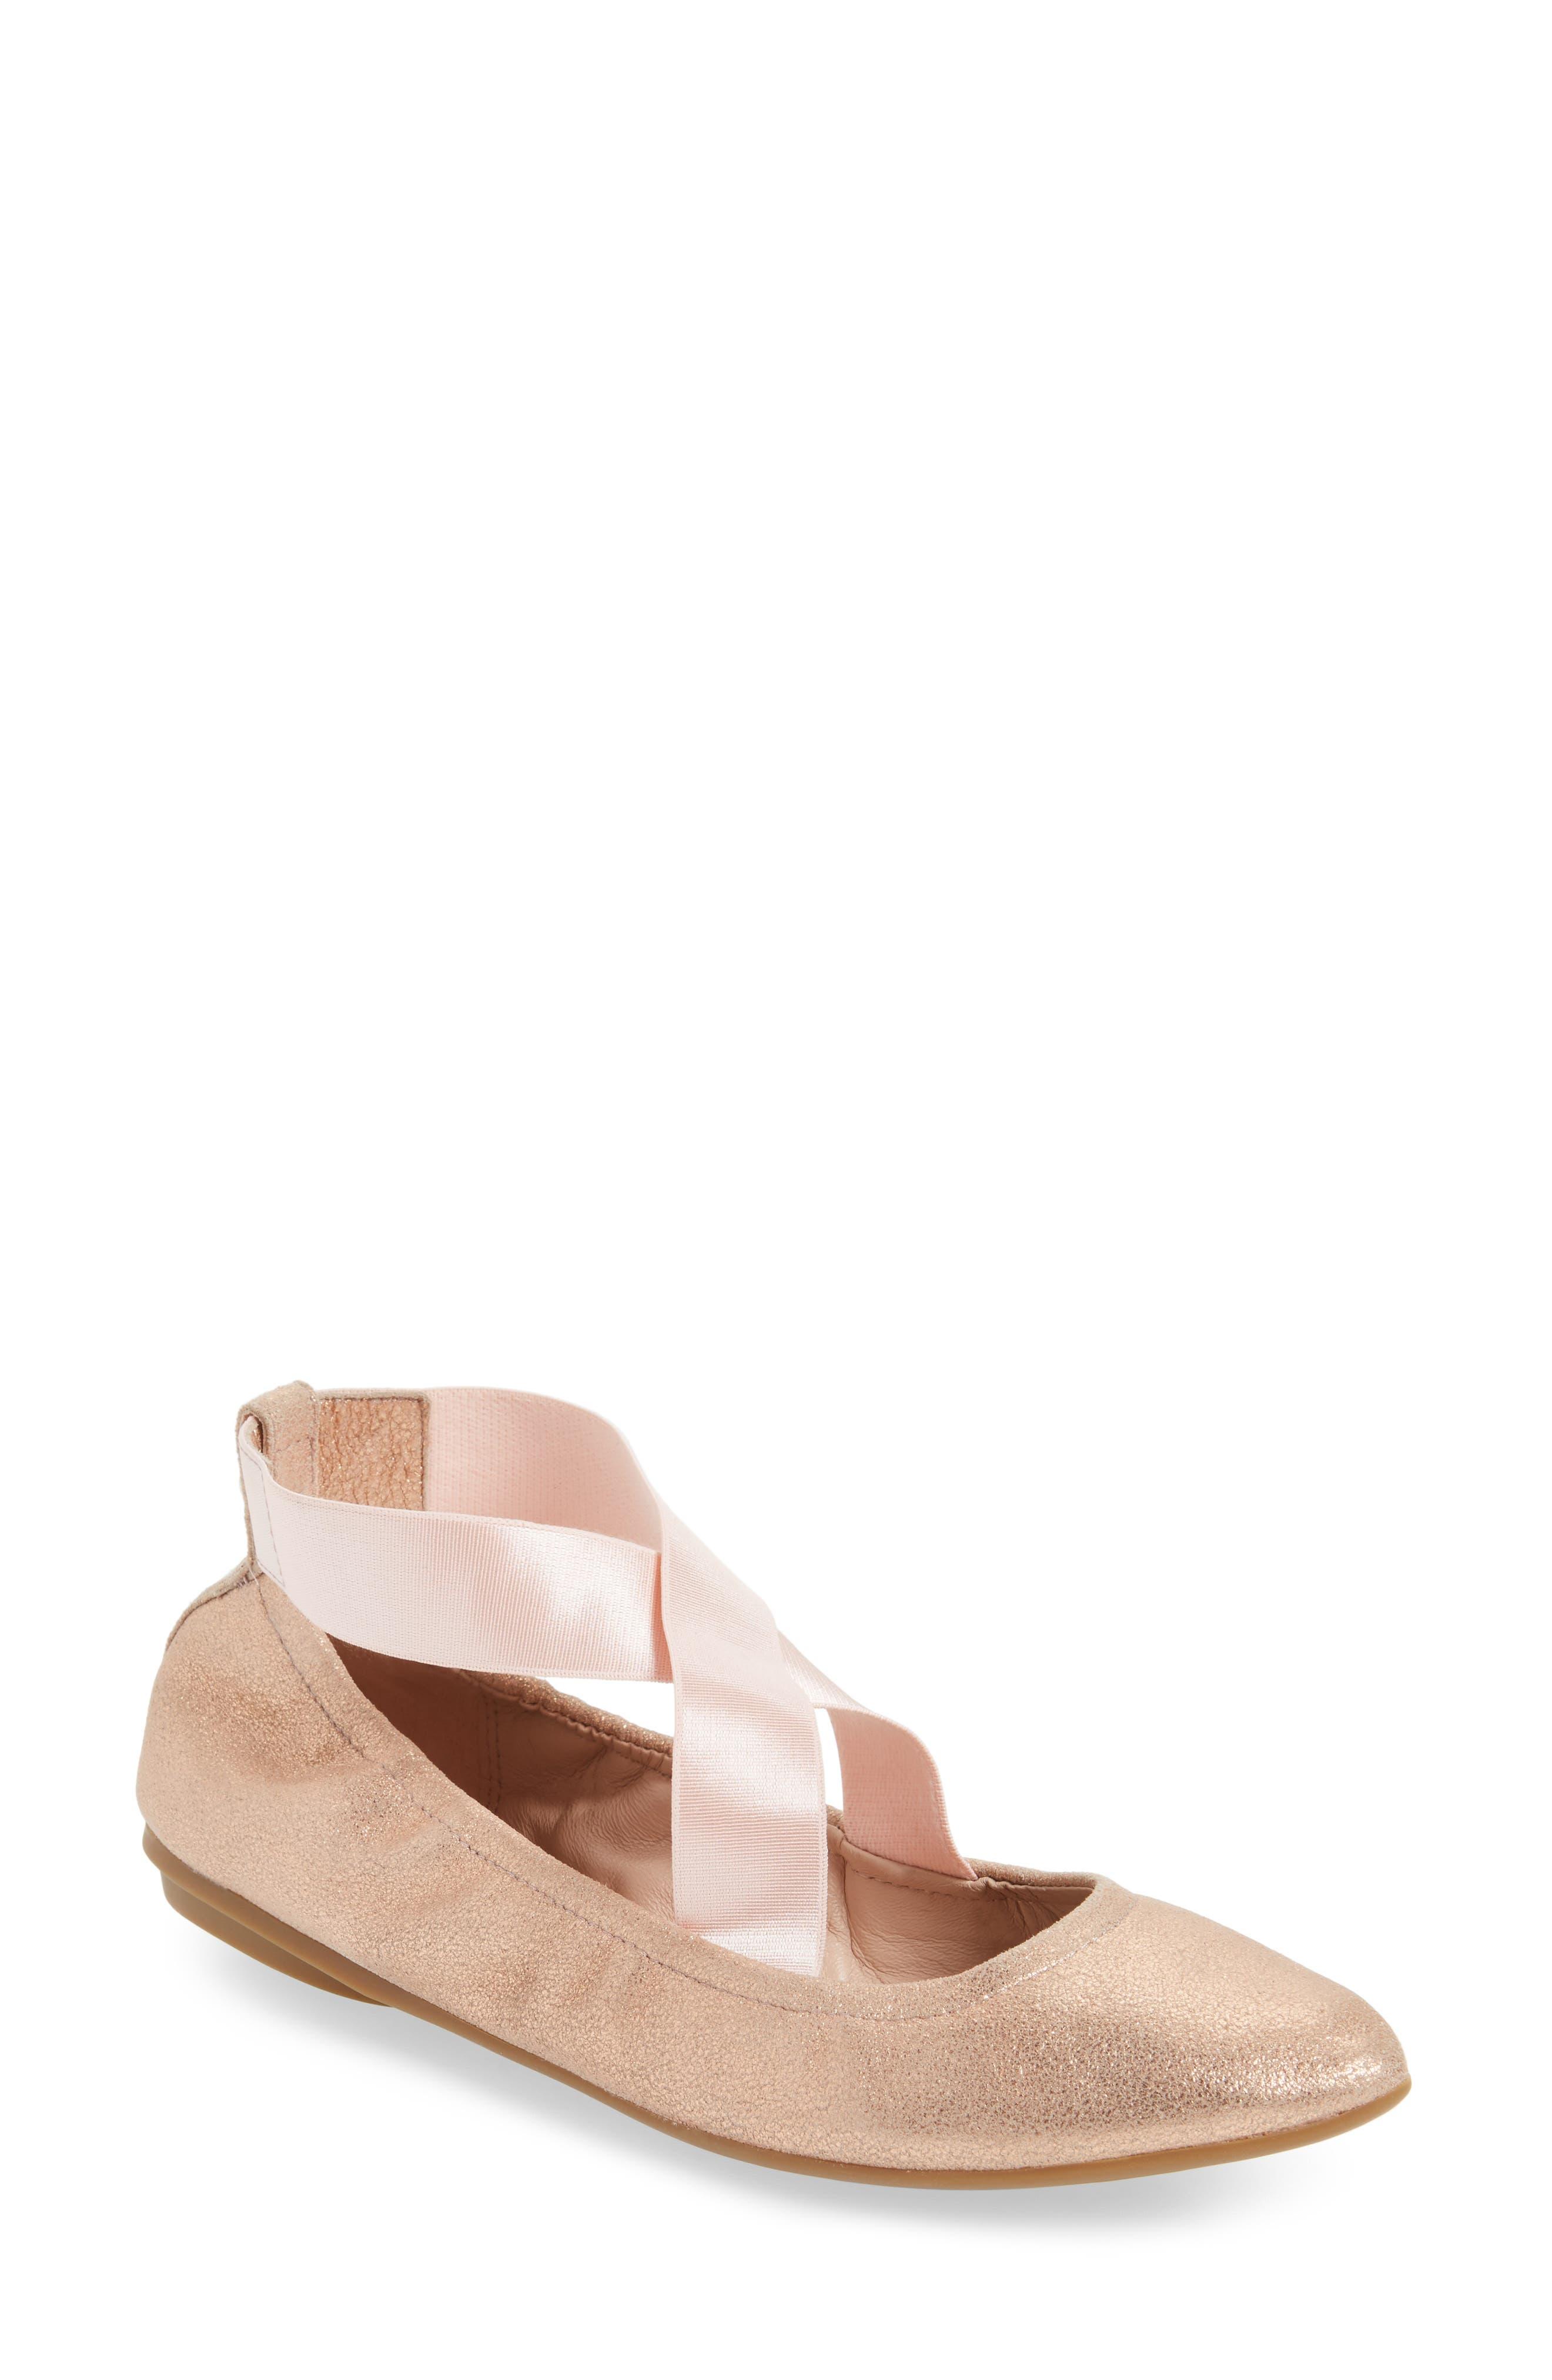 Edina Strappy Ballet Flat,                             Main thumbnail 4, color,